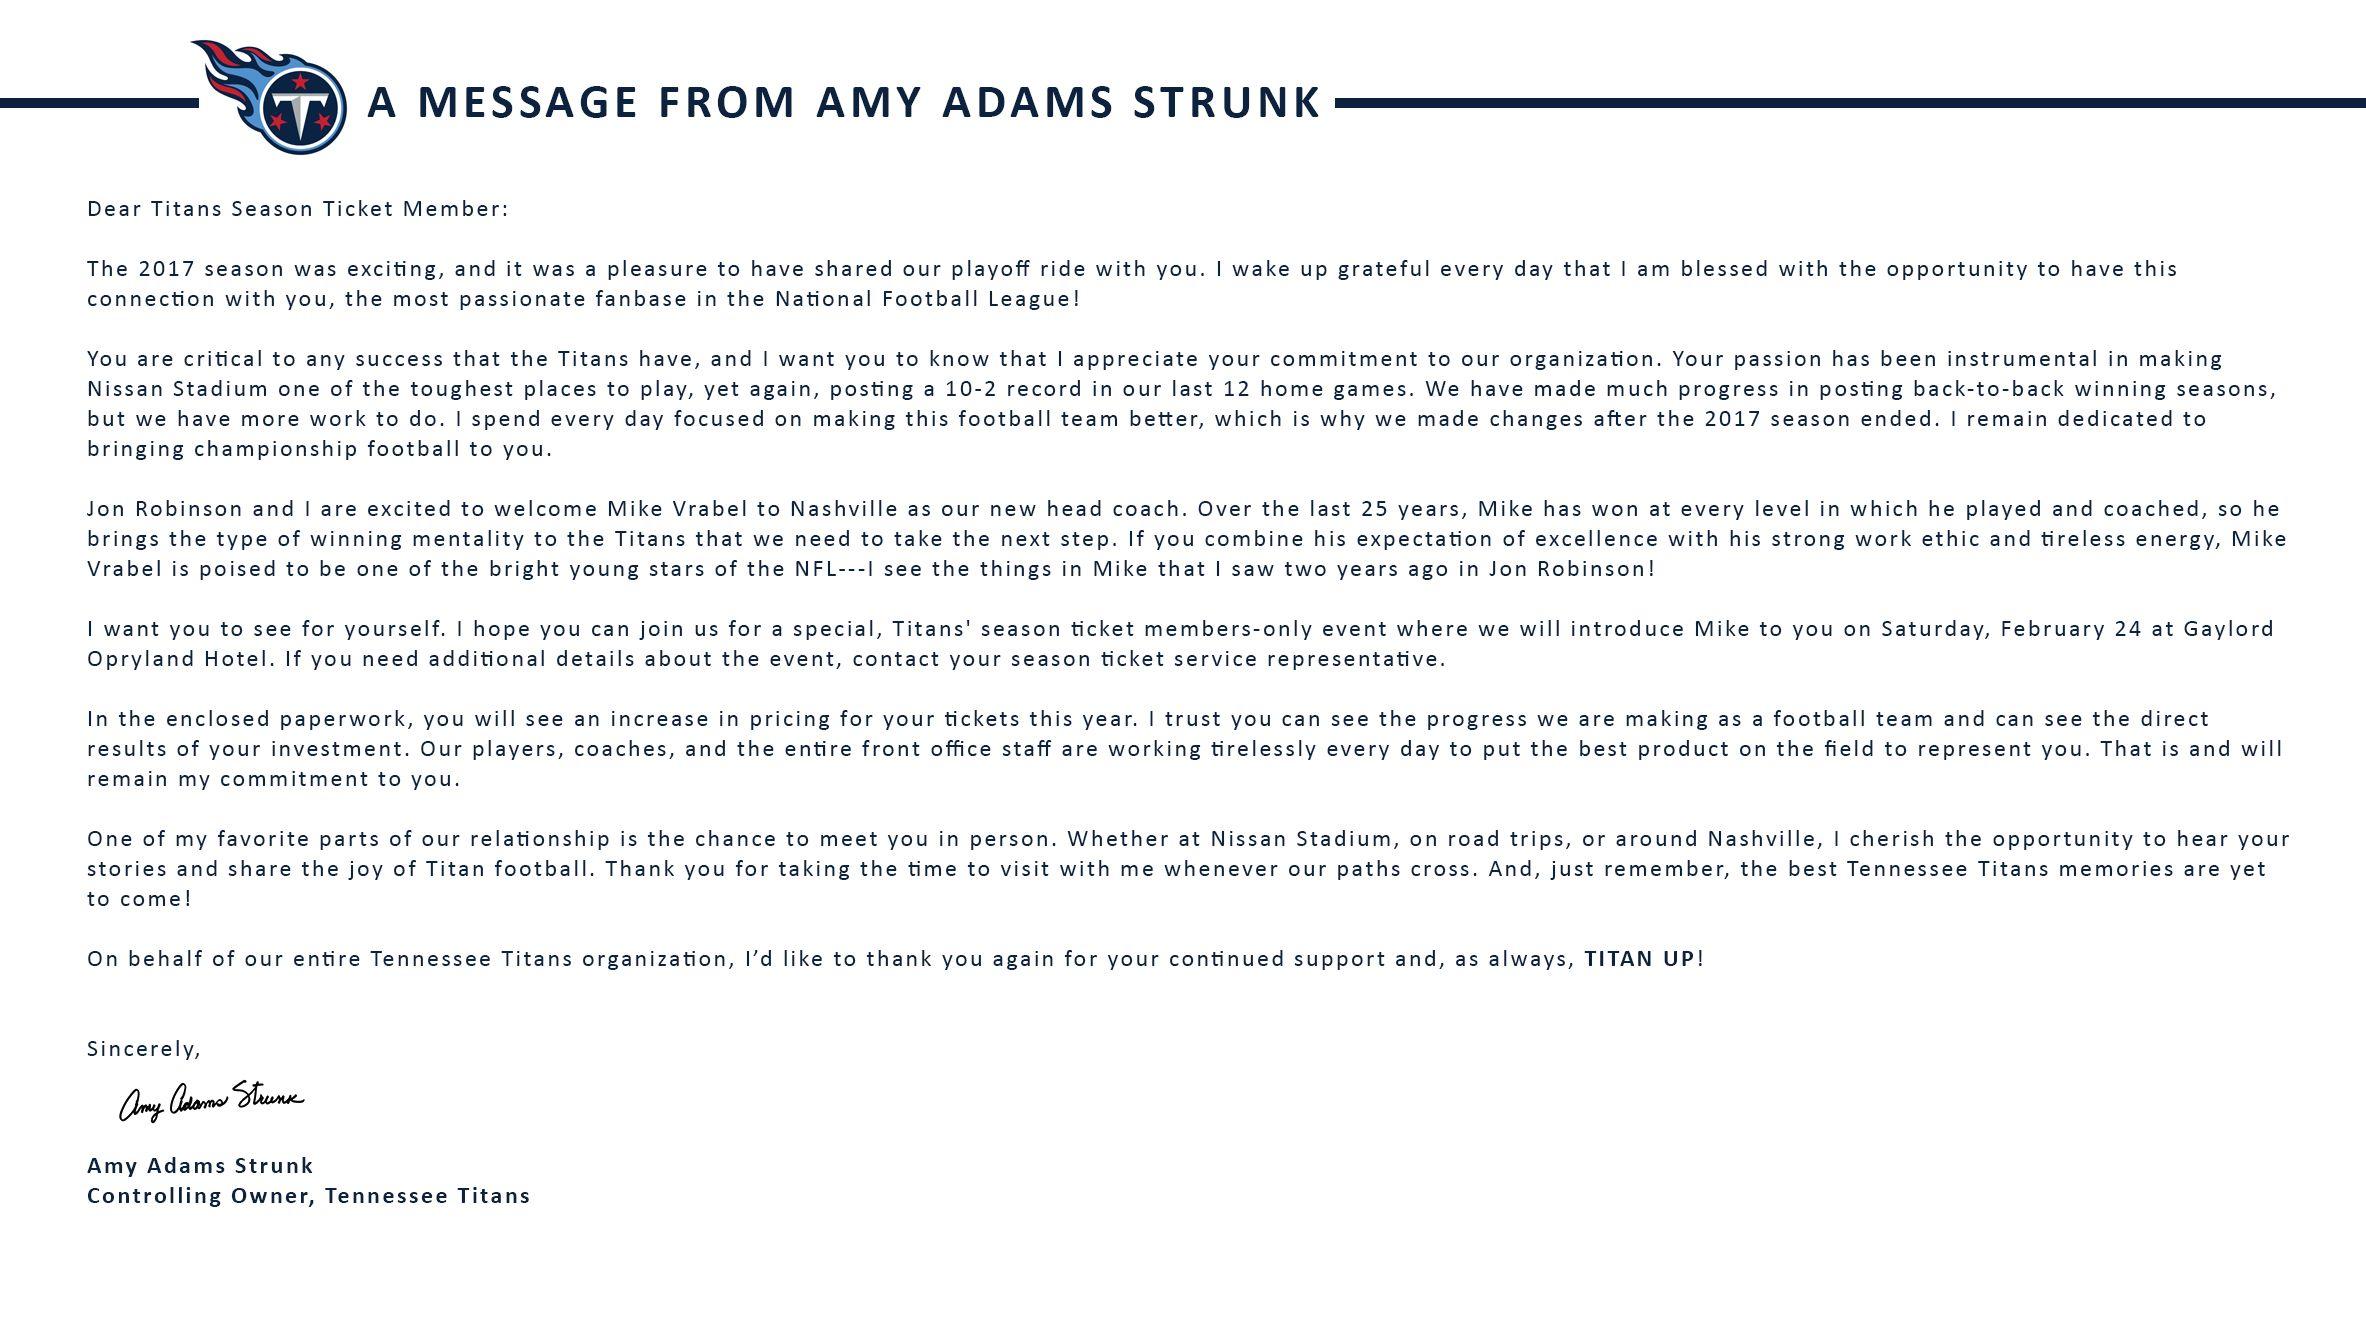 AAS-stm-letter-201816x9